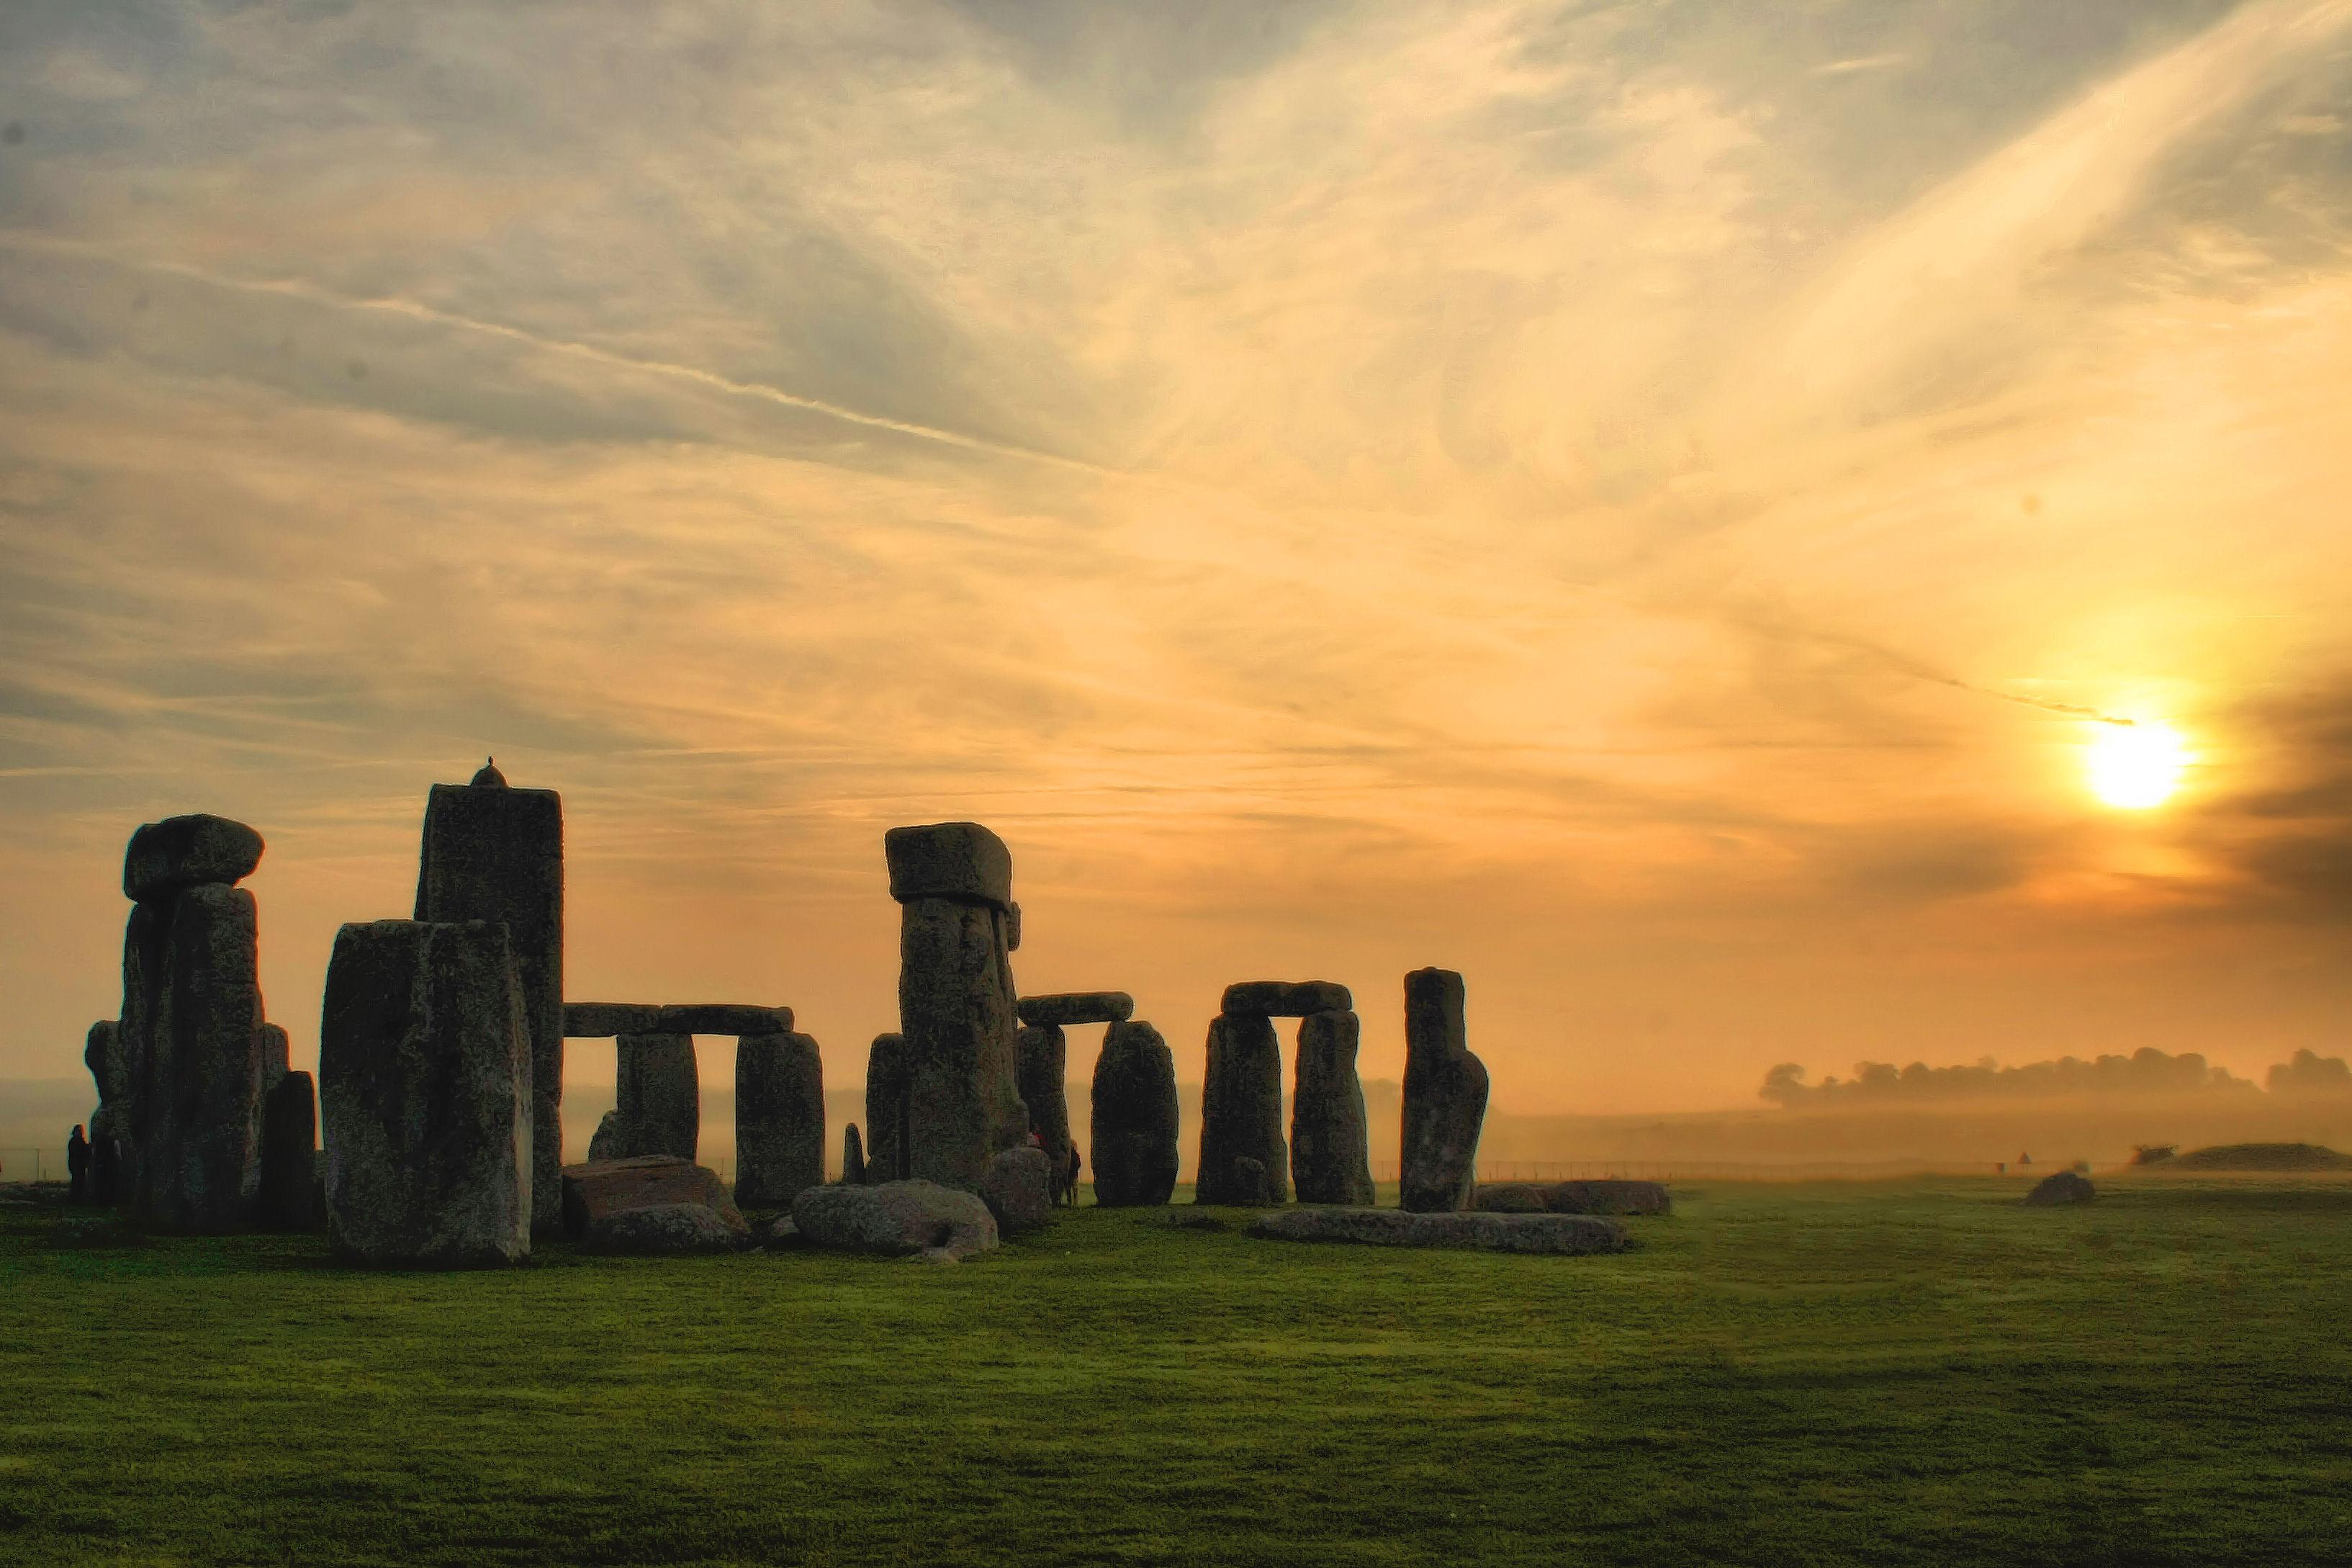 Stonehenge Wallpapers HD 7772NZO   4USkY 3267x2178